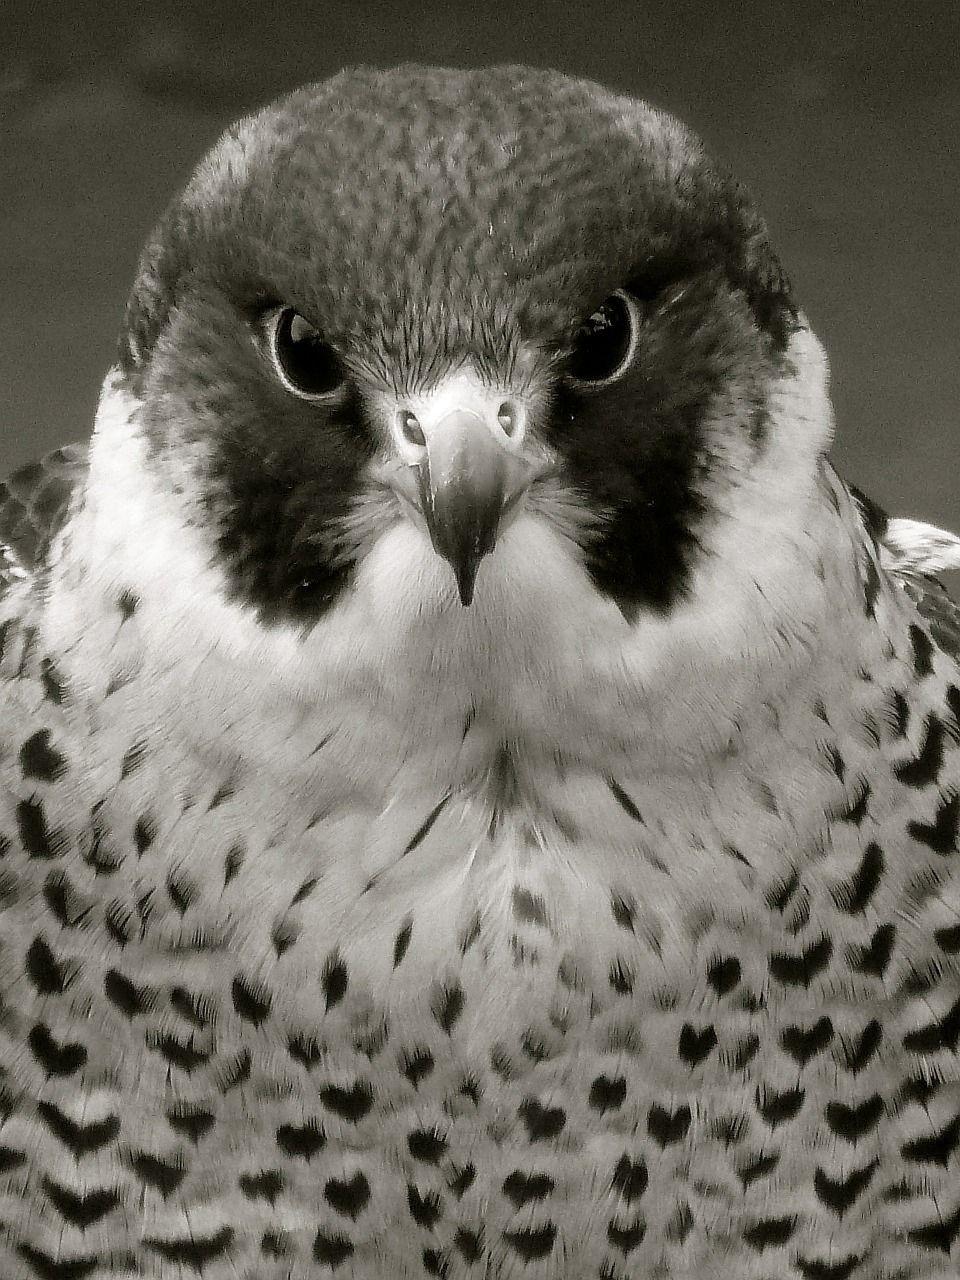 imagem gratis no pixabay falcão peregrino raptor falcão